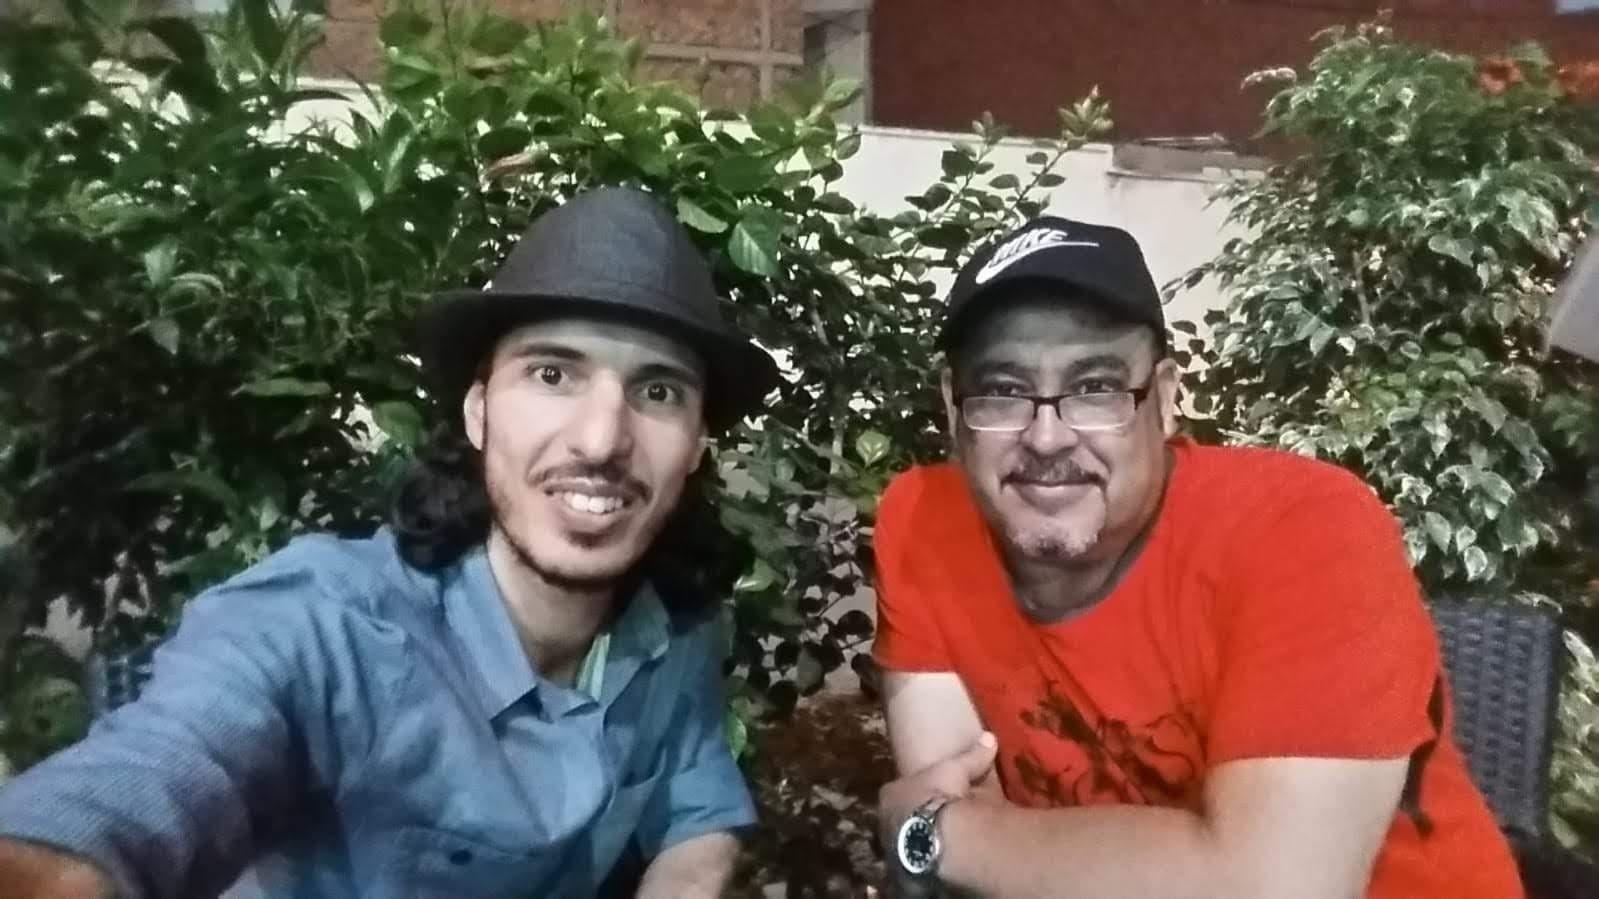 """الفنان الريفي """"علي أجواو"""" في حوار شيّق مع ناظورسيتي: هكذا بكى معلمي وأنا أُجوِّد القرآن في المسيد"""